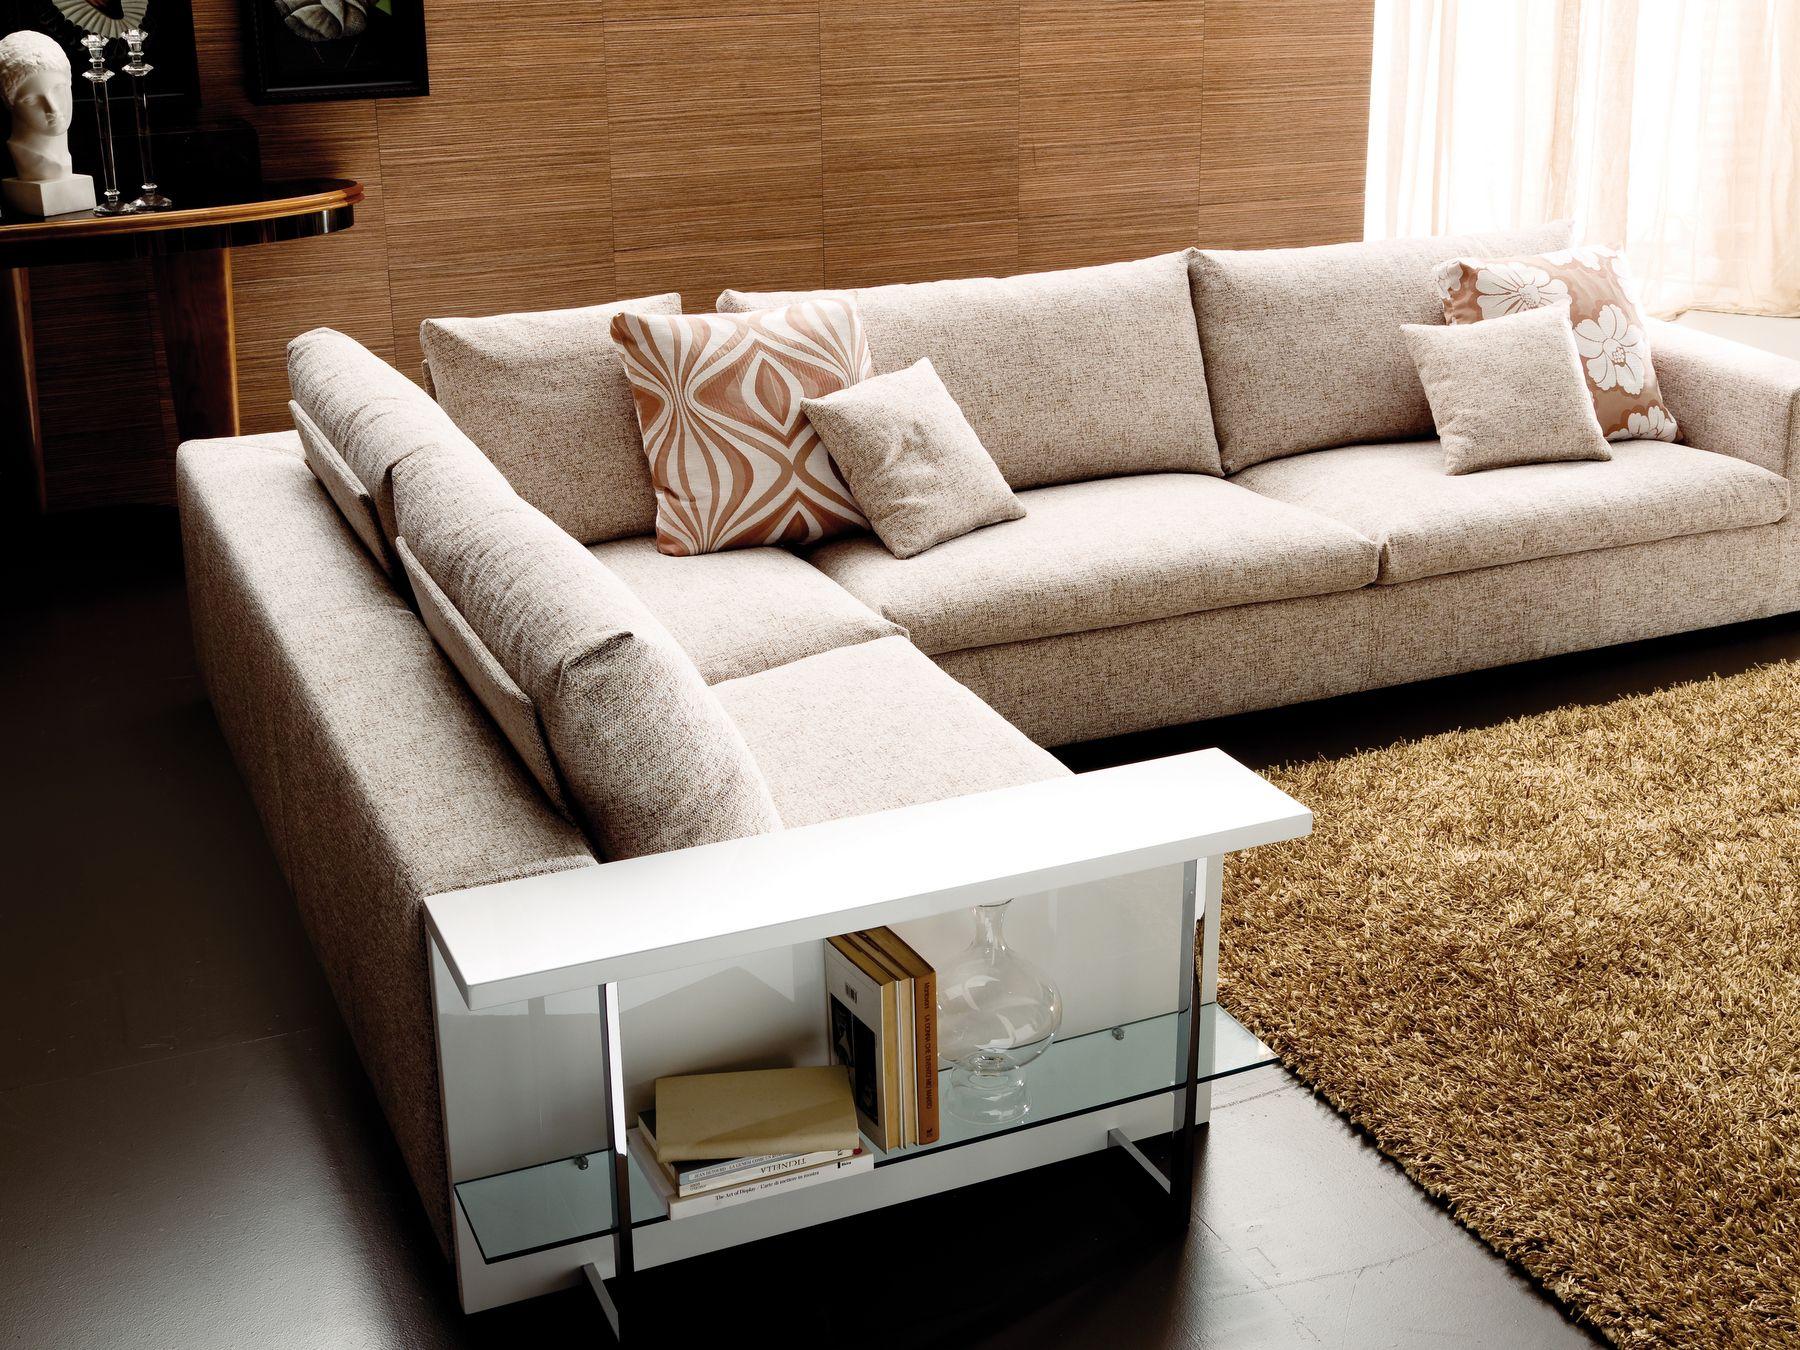 Lazar divano angolare by bontempi casa design carlo bimbi for Divano sfoderabile